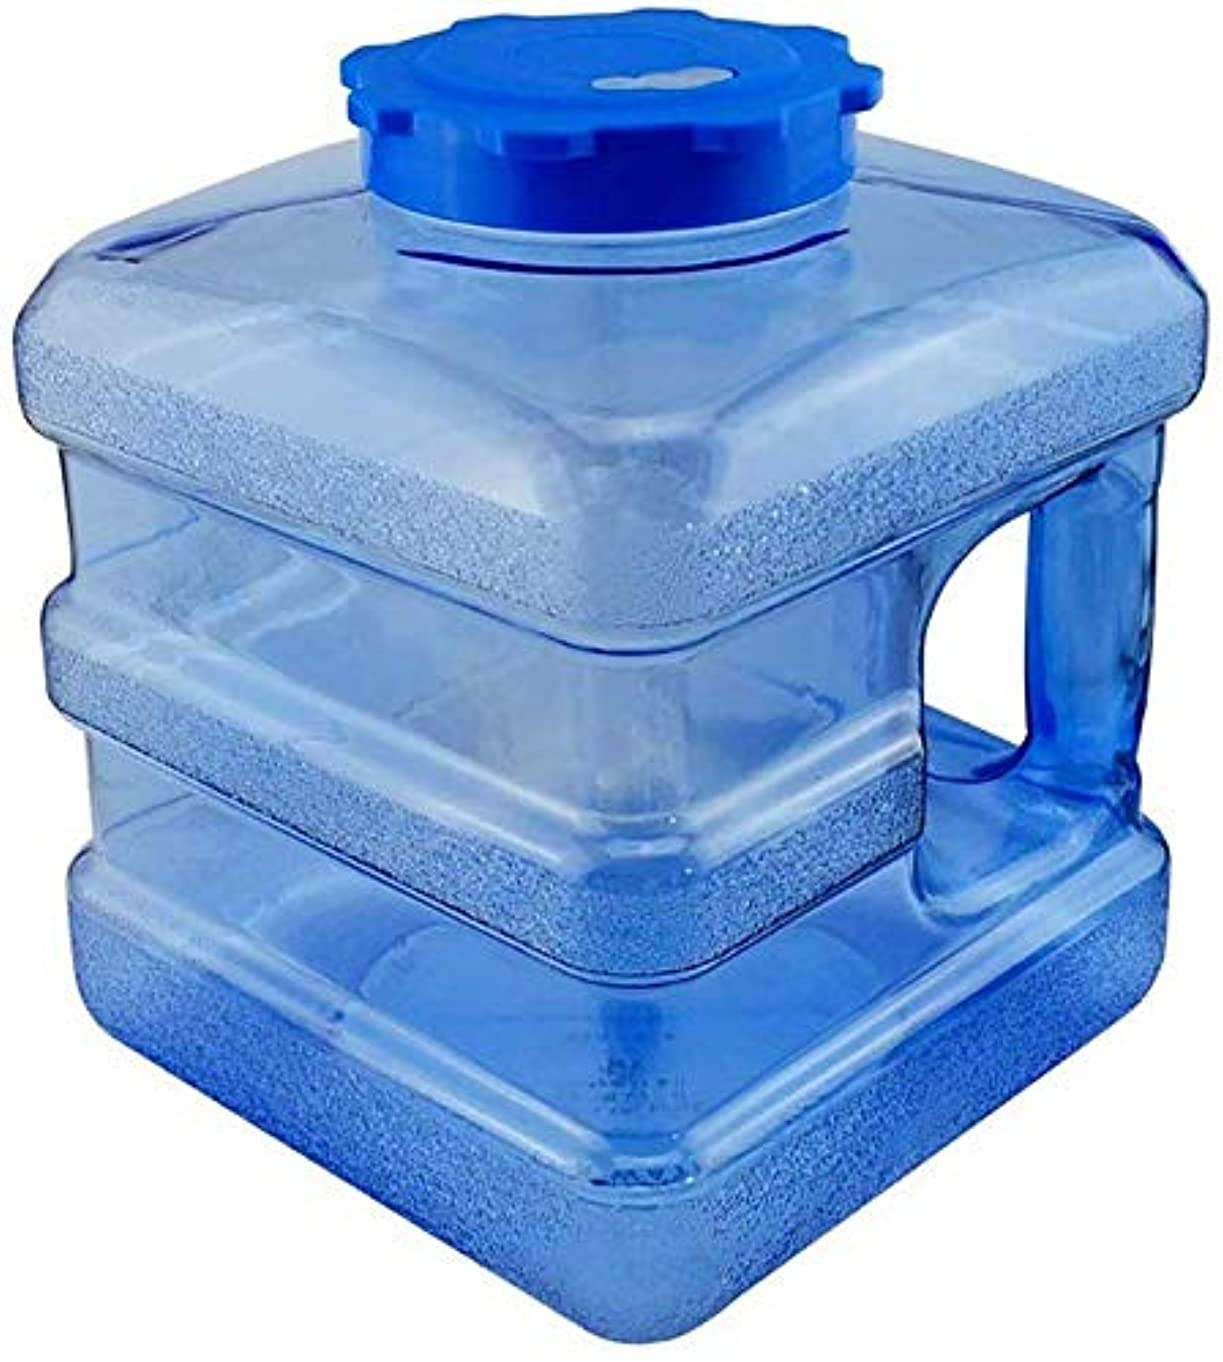 ロック富グリース7.5Lの水ストレージバケツポータブル飲料水バケツ屋外駐車スクエア水タンク、大容量、20x20x26cm水容器